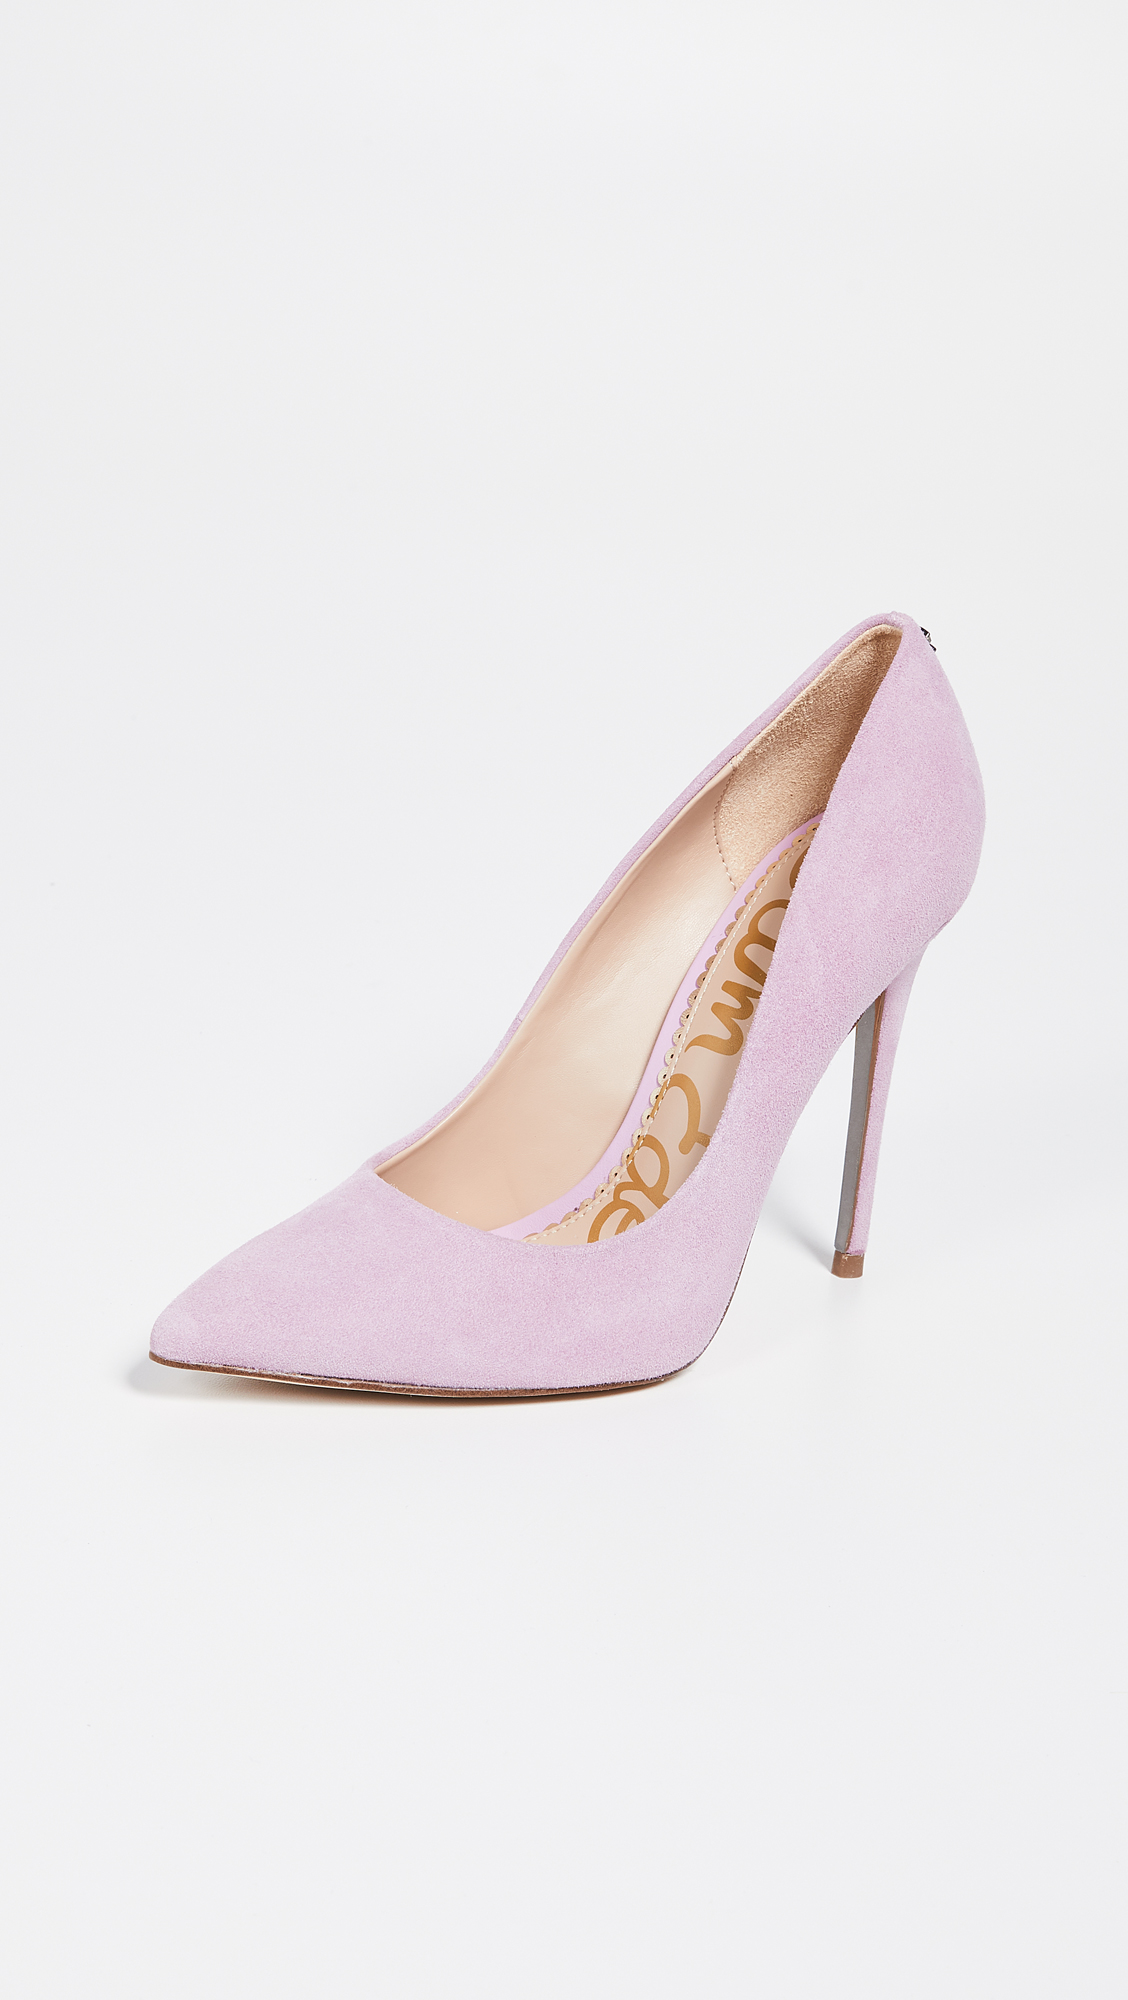 Danna Pumps, $130, Shopbop